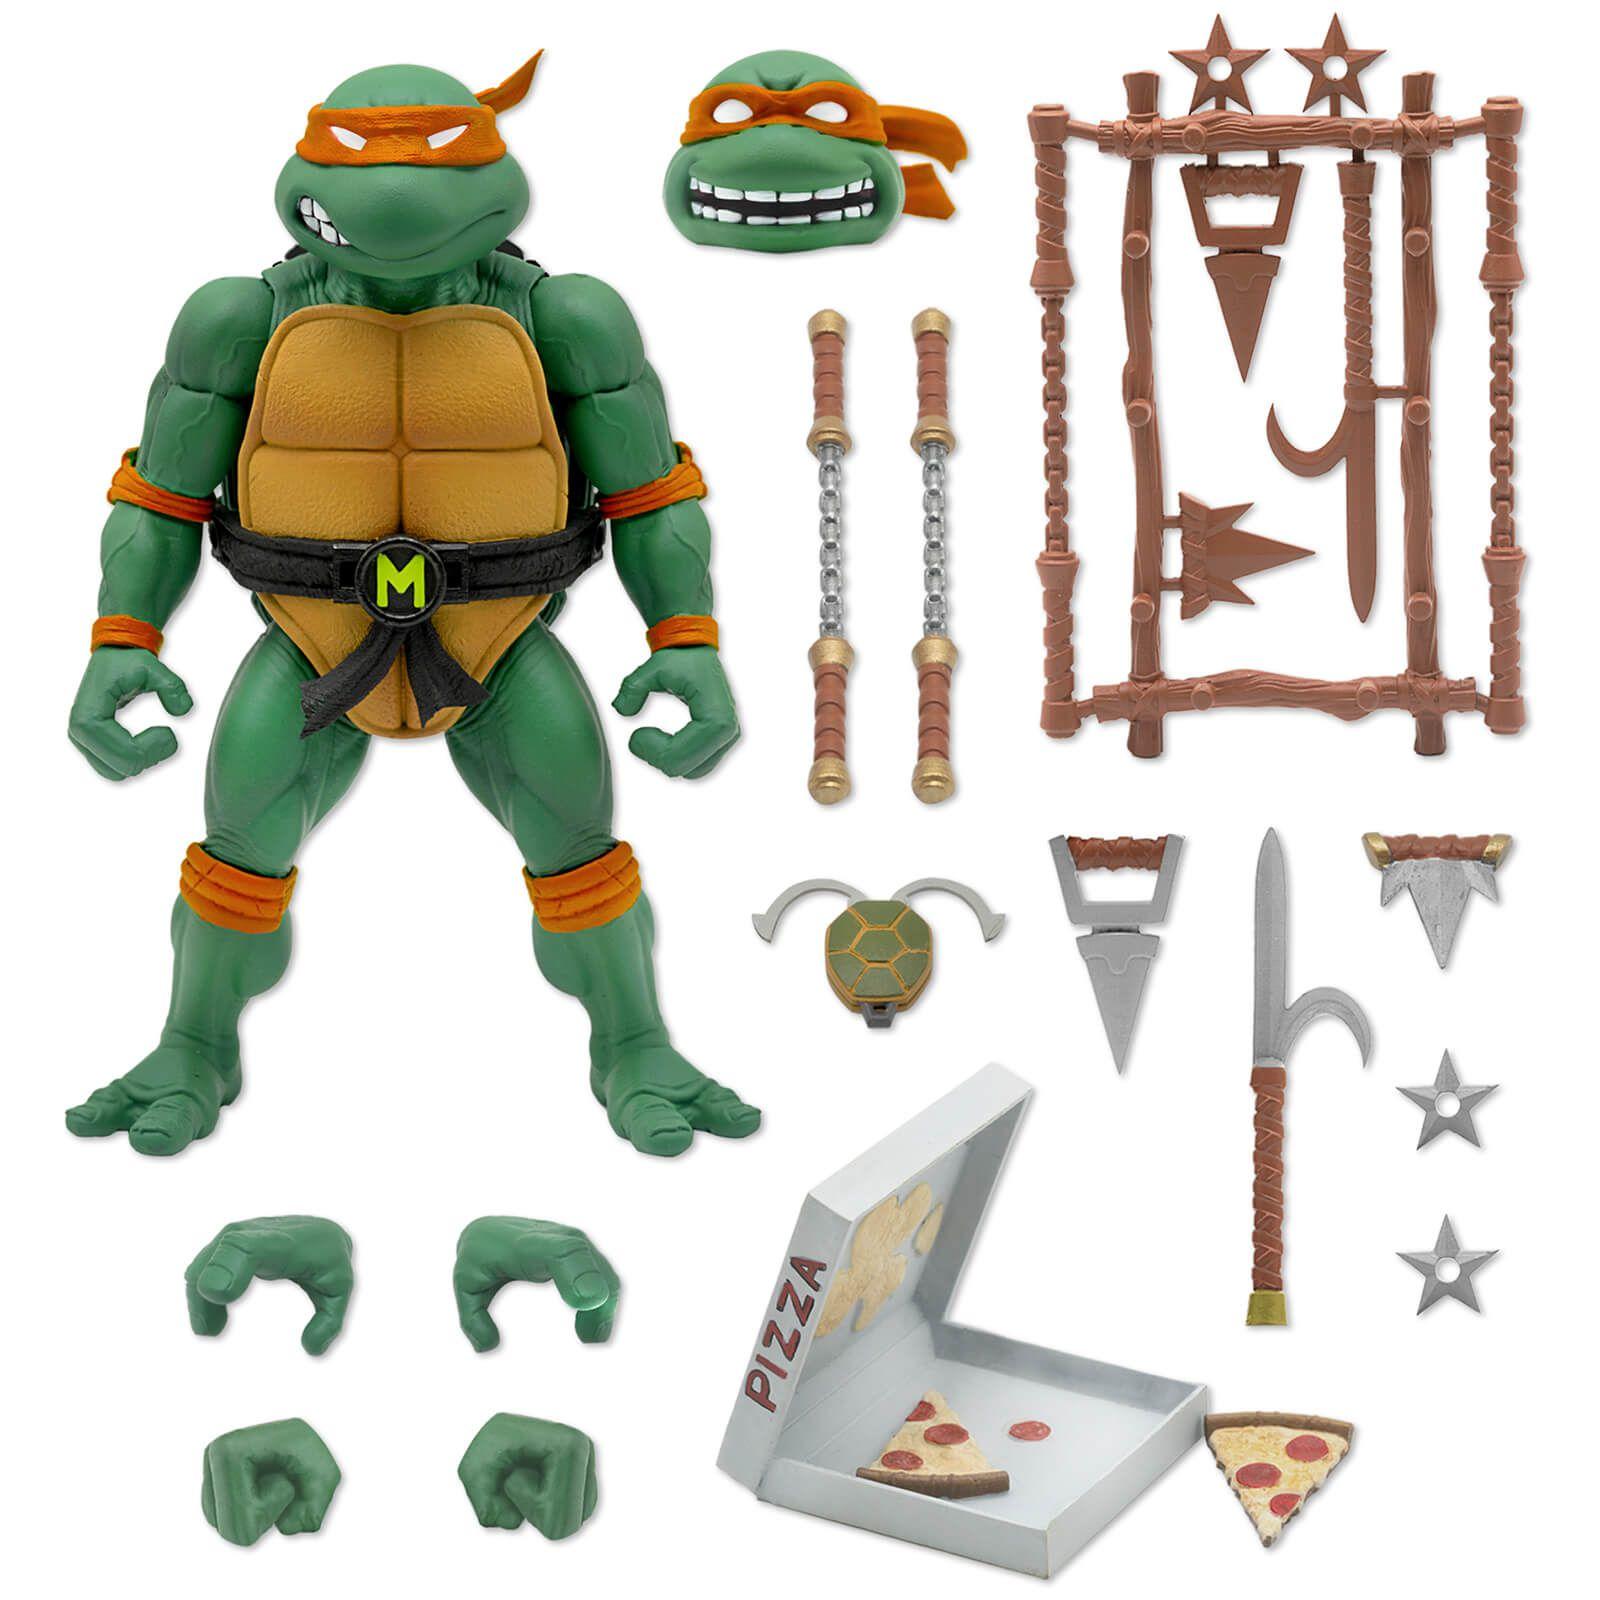 TMNT Tortues Ninja - Super7 Ultimates Figures - Raphael